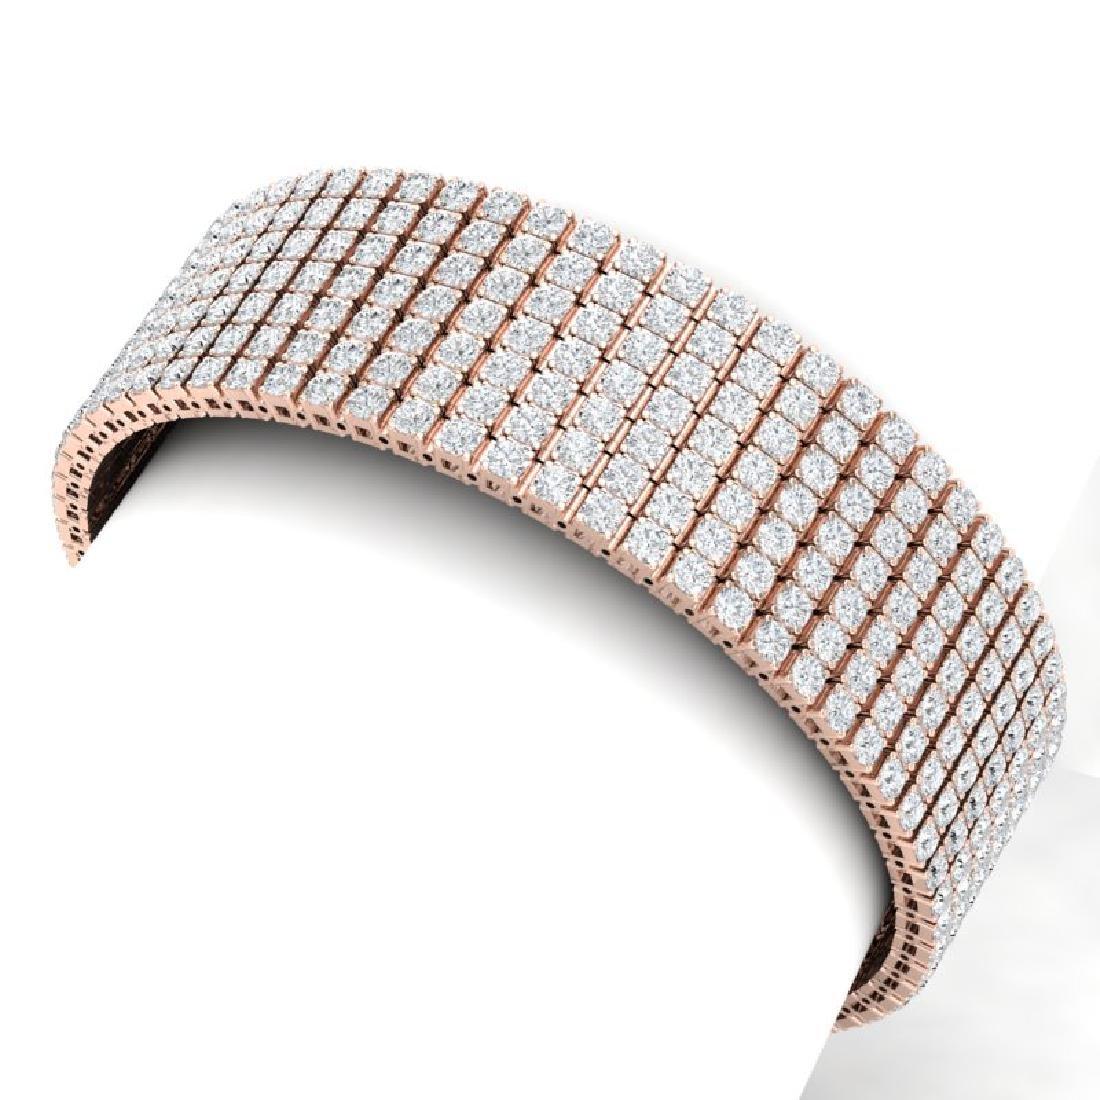 30 CTW Certified VS/SI Diamond Bracelet 18K Rose Gold